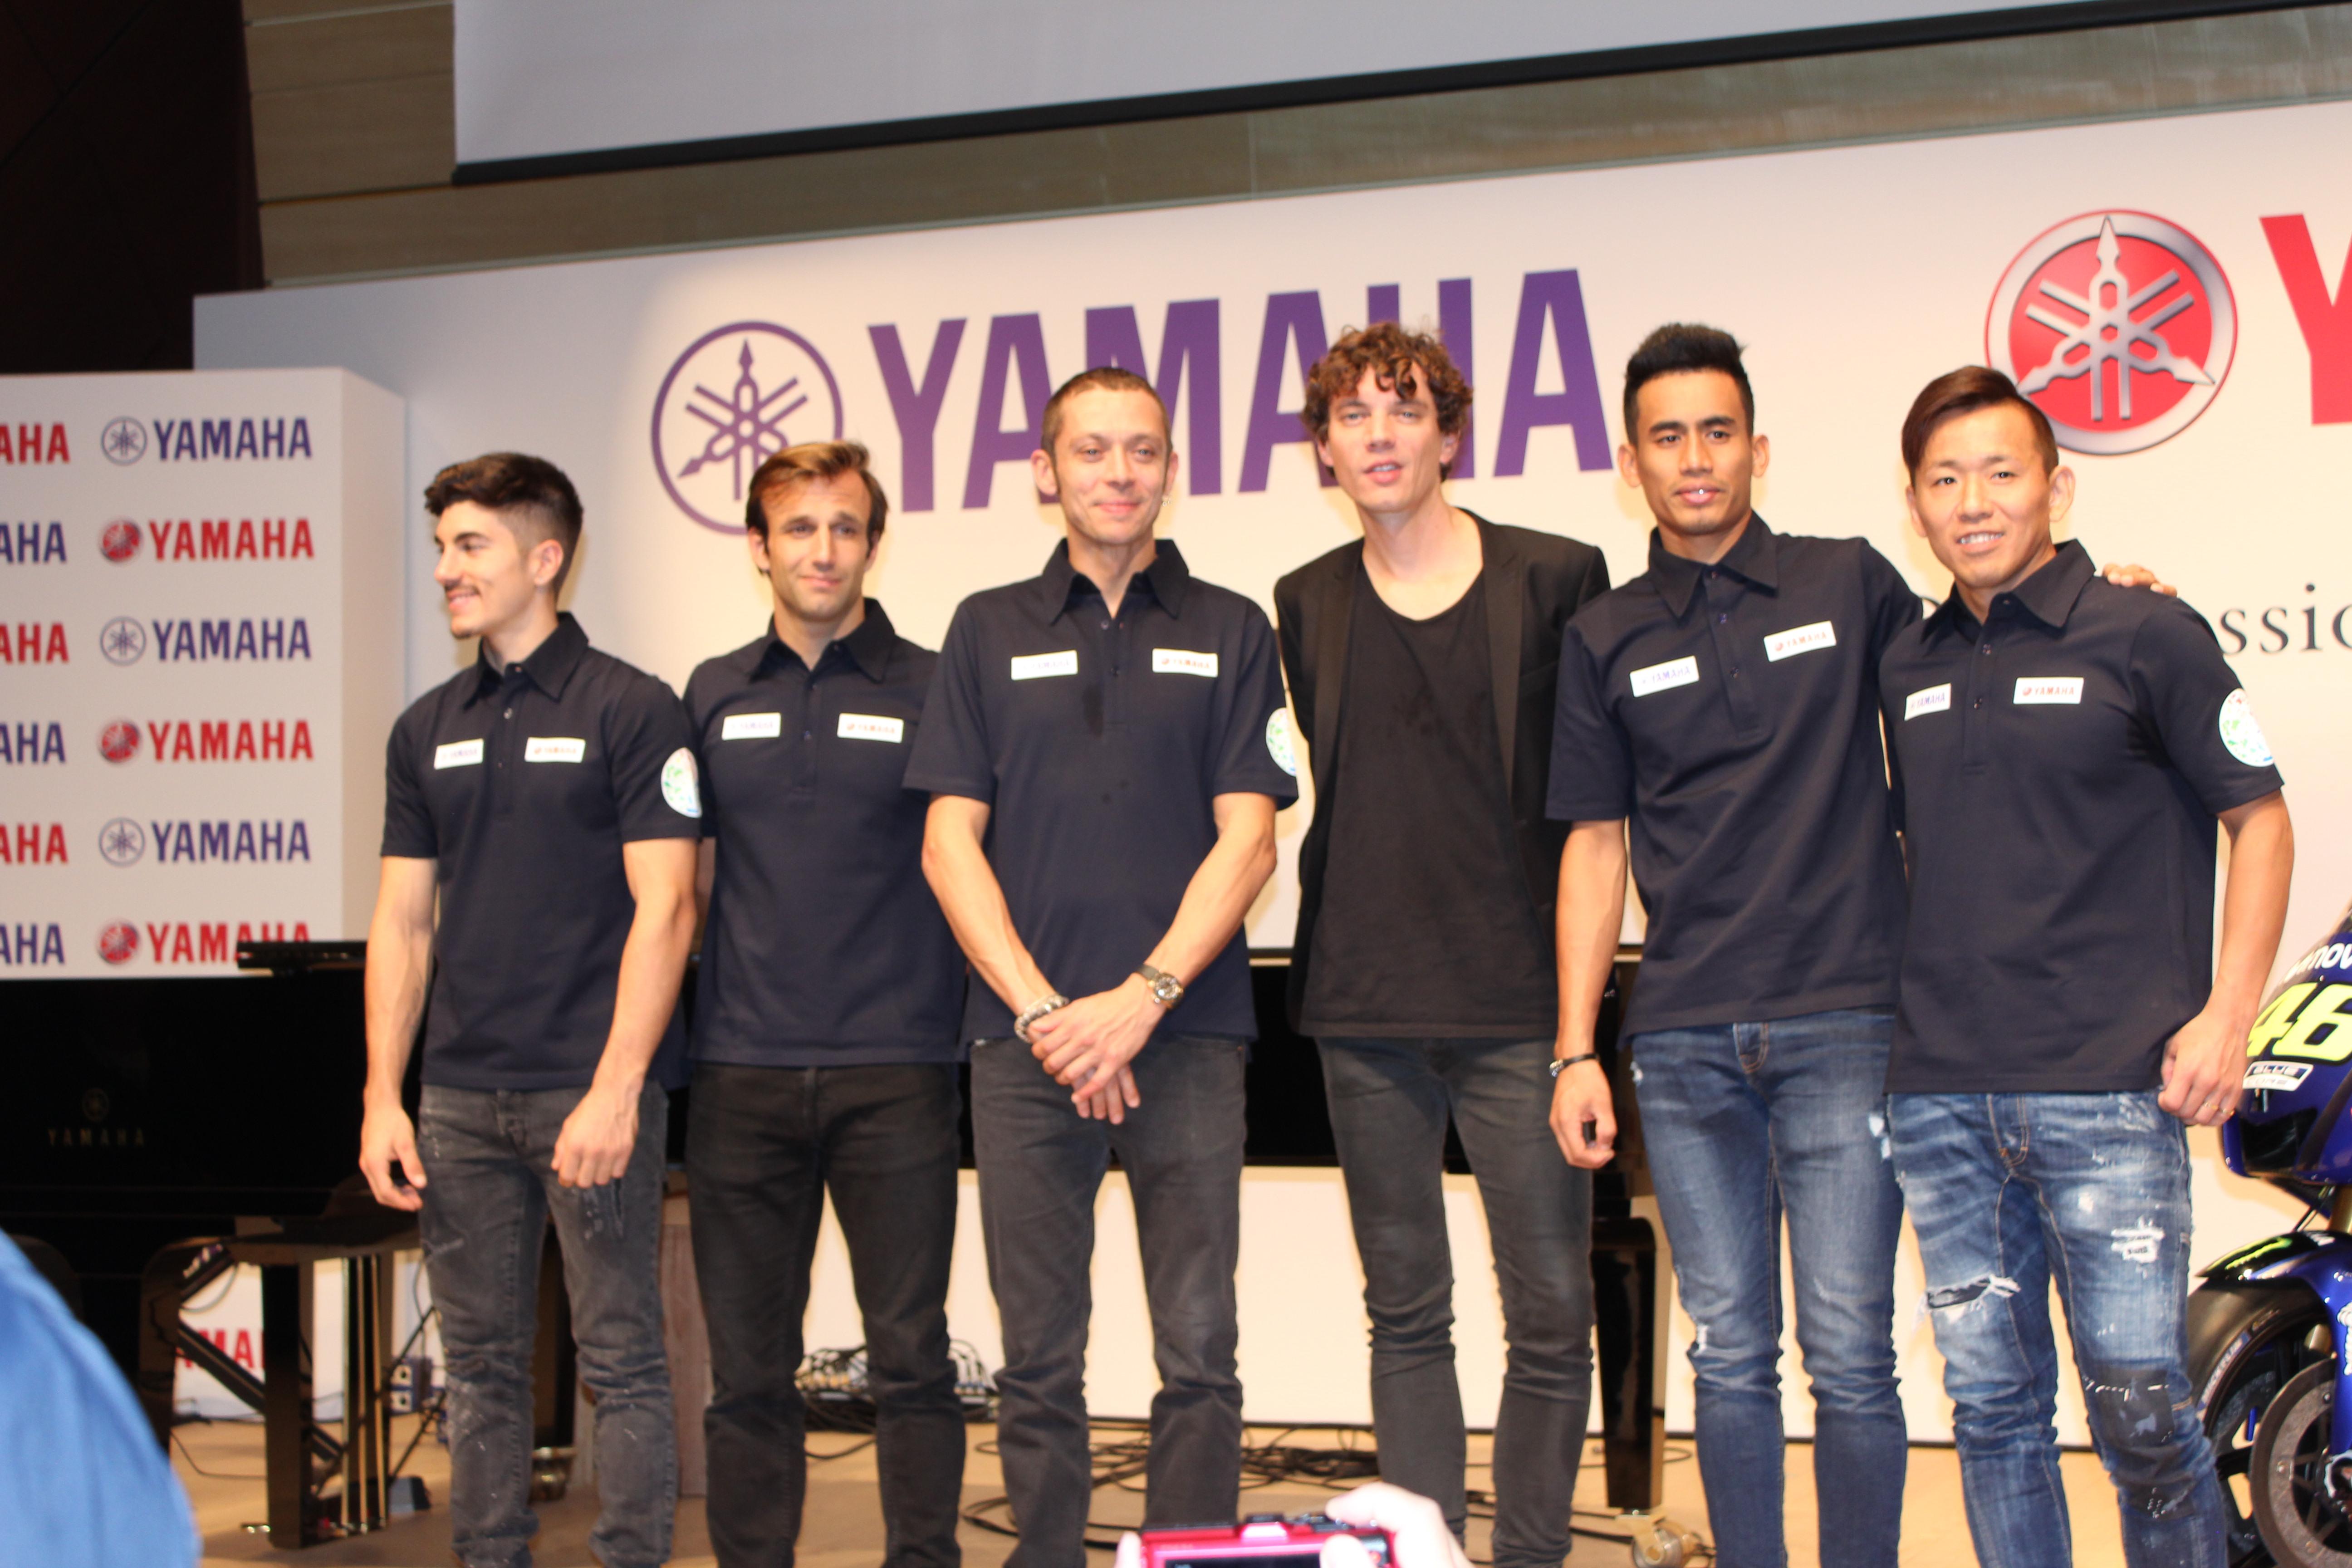 日本GPを控えたライダー達が銀座に集結!ヤマハが創る「感動」を語る